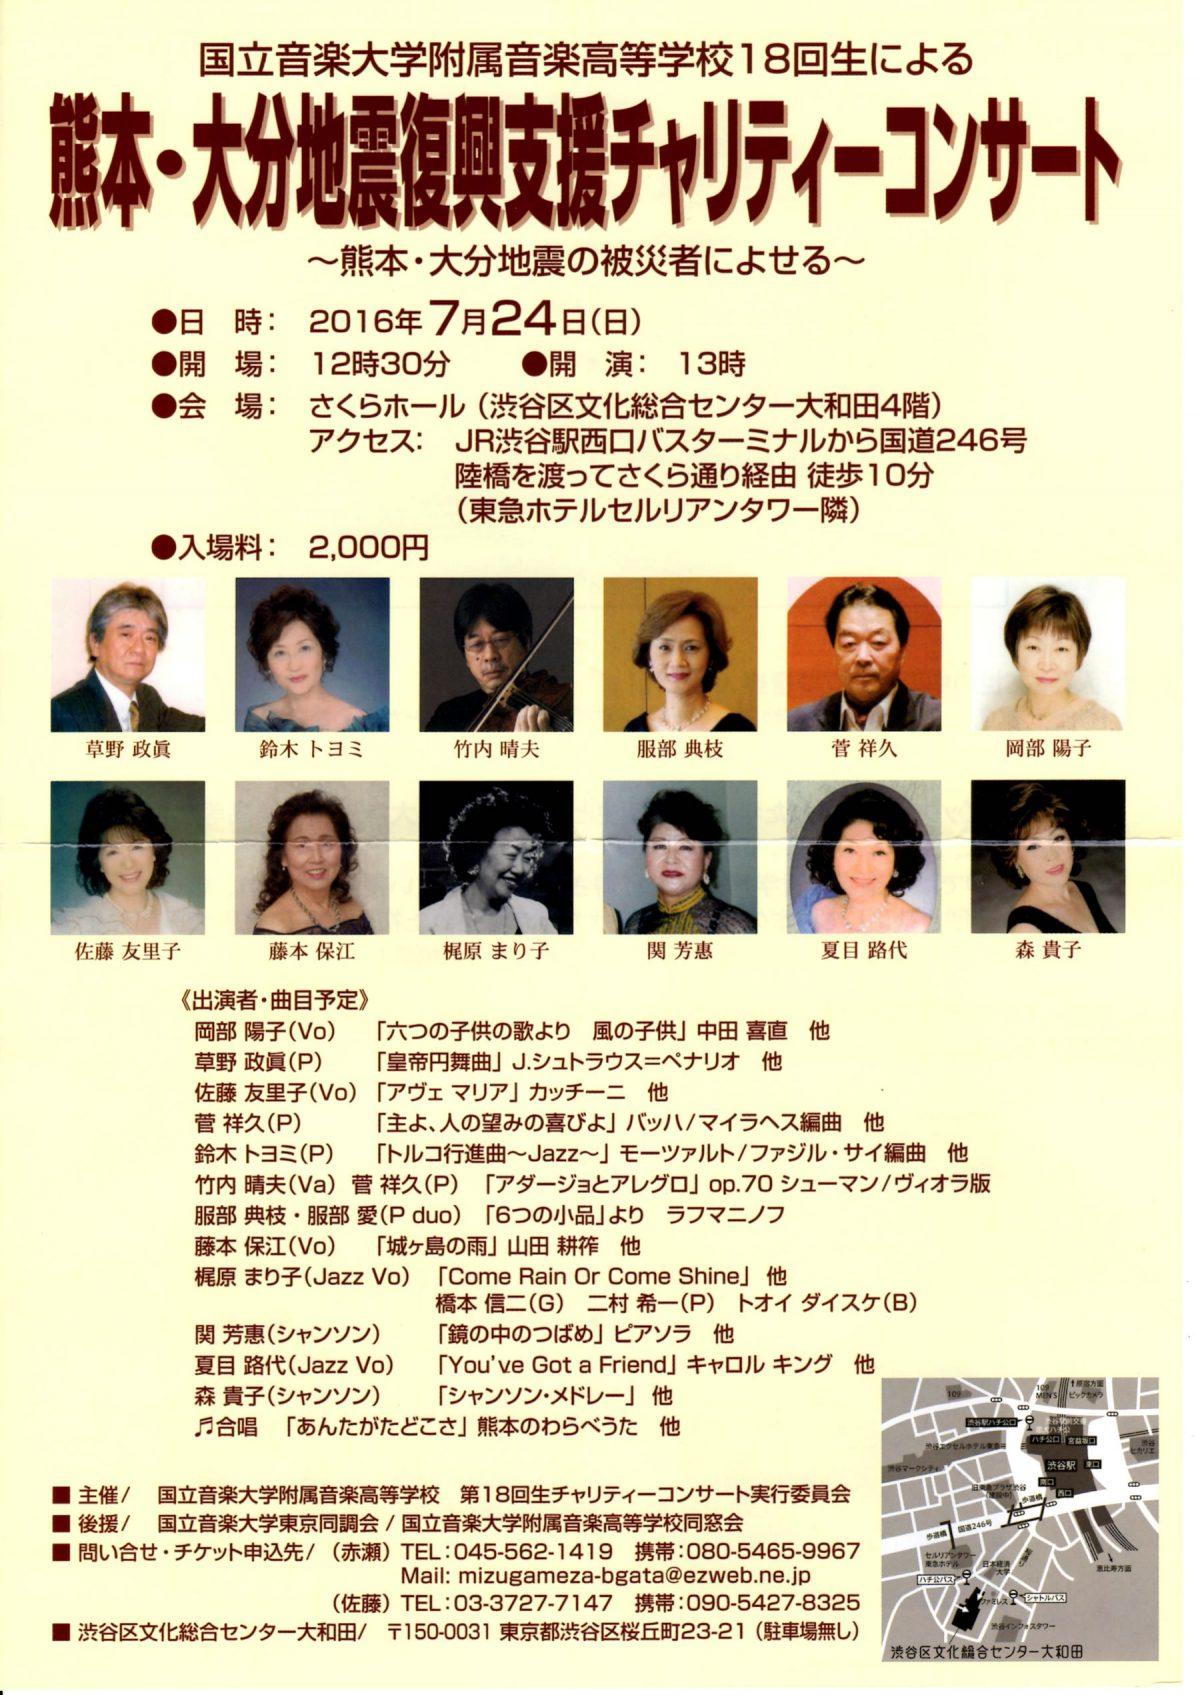 熊本・大分地震復興支援チャリティーコンサート